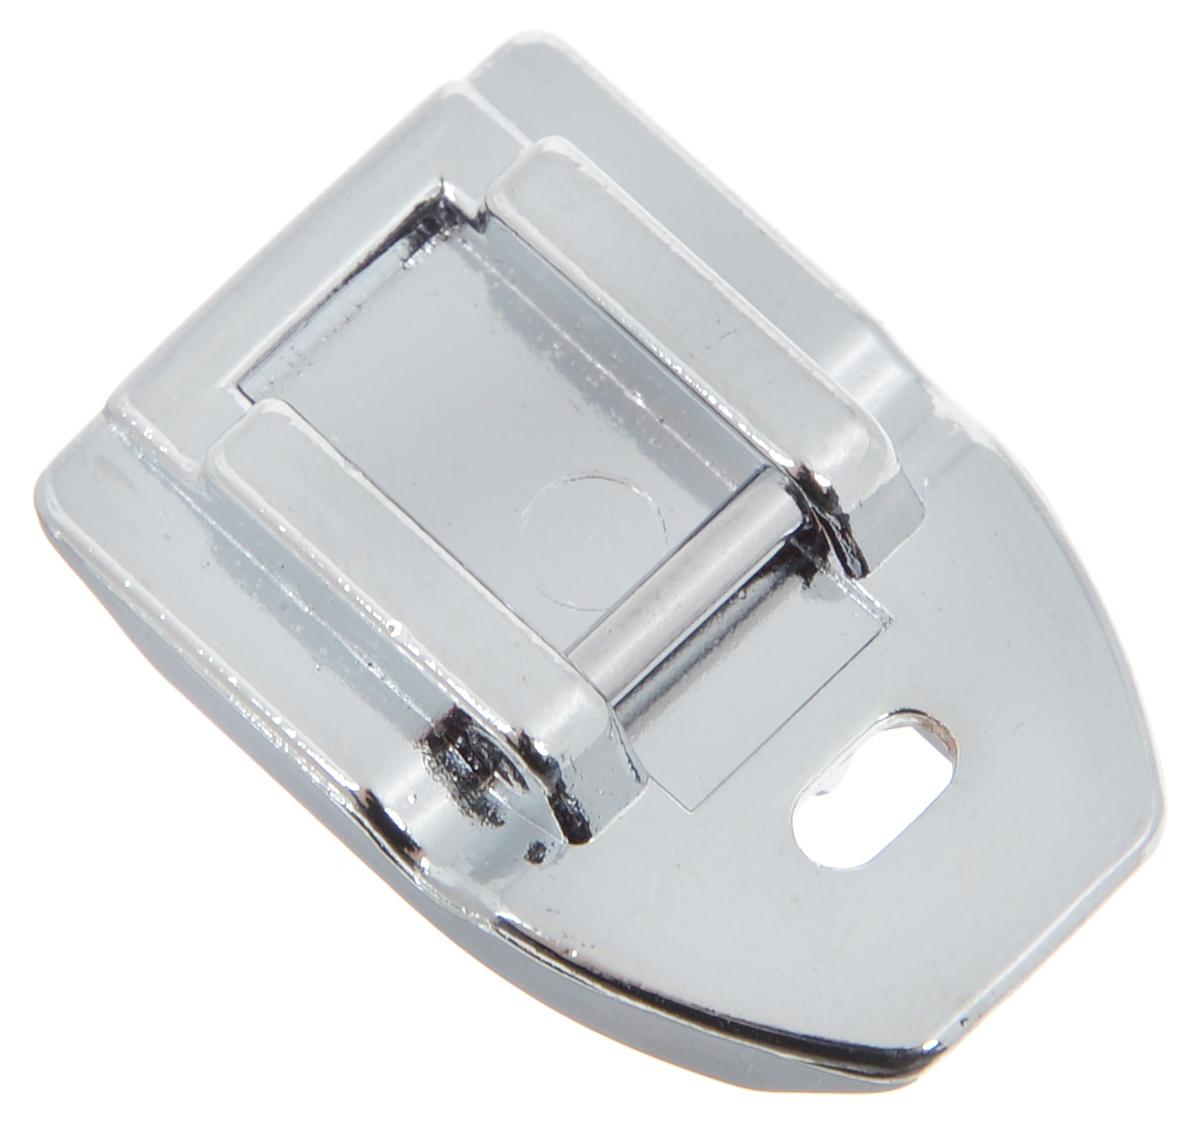 Лапка для швейной машины Aurora, для потайной молнииAU-129Лапка для швейной машины Aurora существенно облегчает выполнение операции по вшиванию потайной застежки-молнии. Подходит для большинства современных бытовых швейных машин. Инструкция по использованию прилагается.